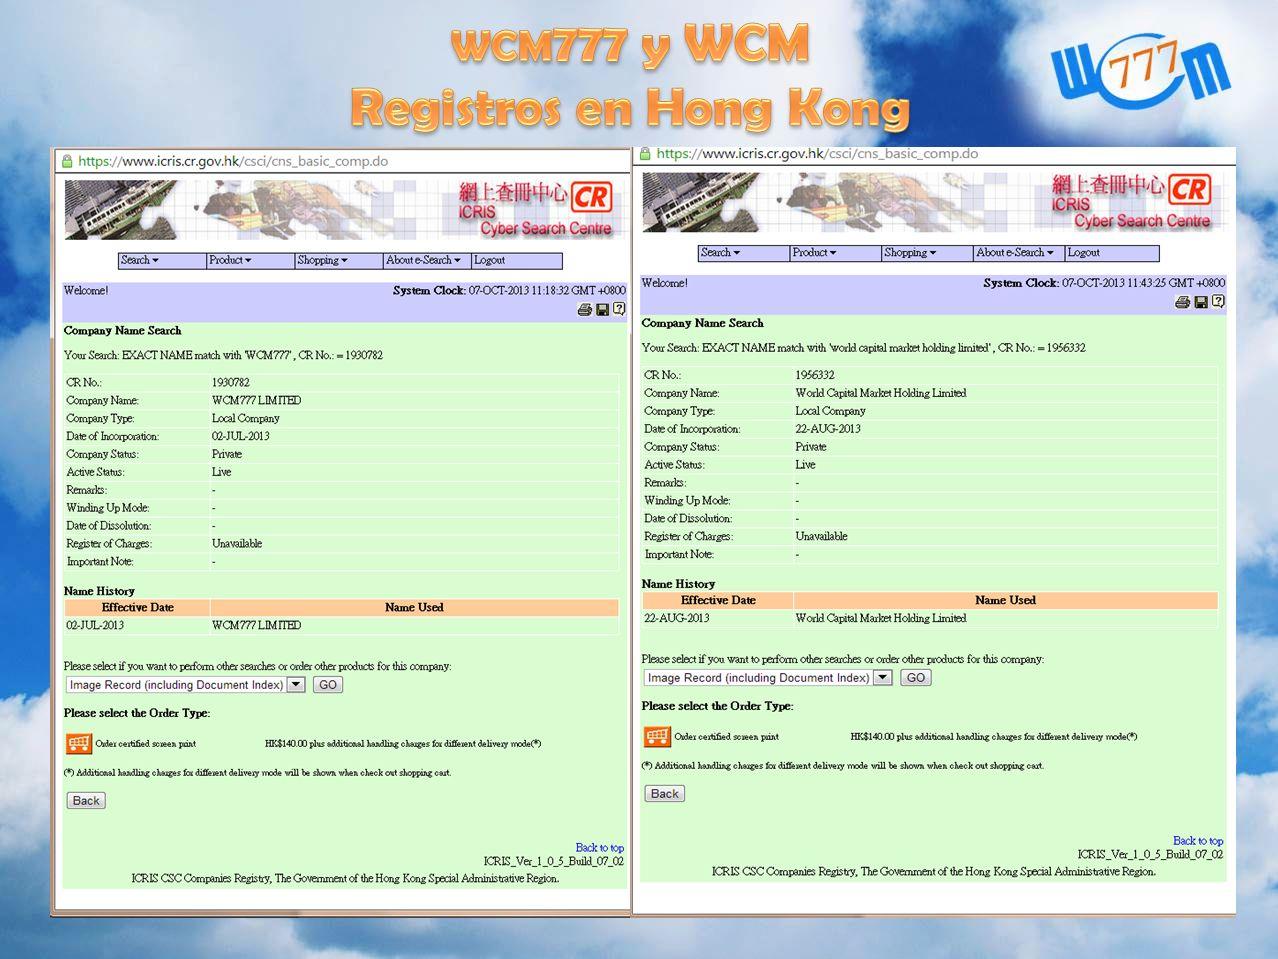 wcm777 y WCM Registros en Hong Kong